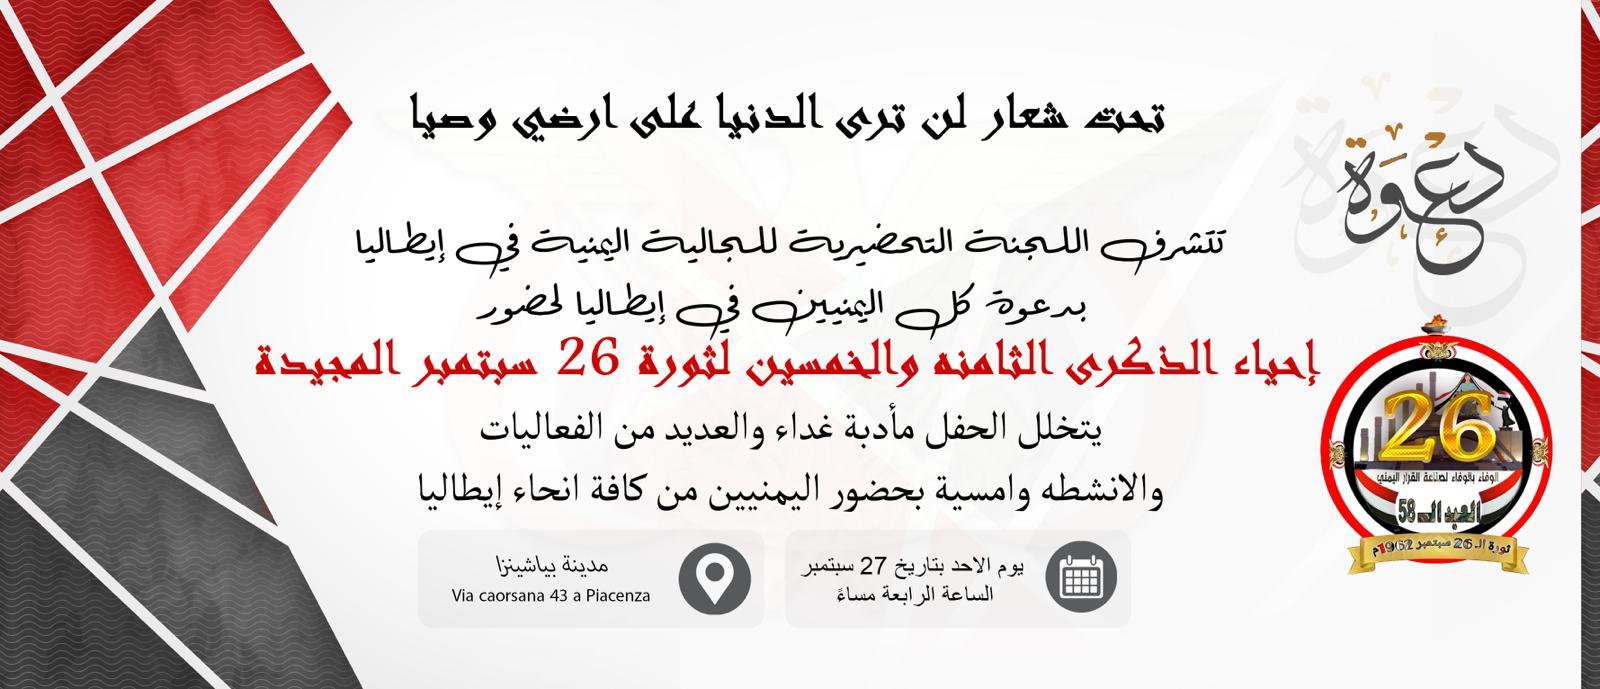 اللجنة التحضيرية للجالية اليمنية في ايطاليا تدعو للمشاركة في احياء الذكرى 58 لثورة 26 سبتمبر